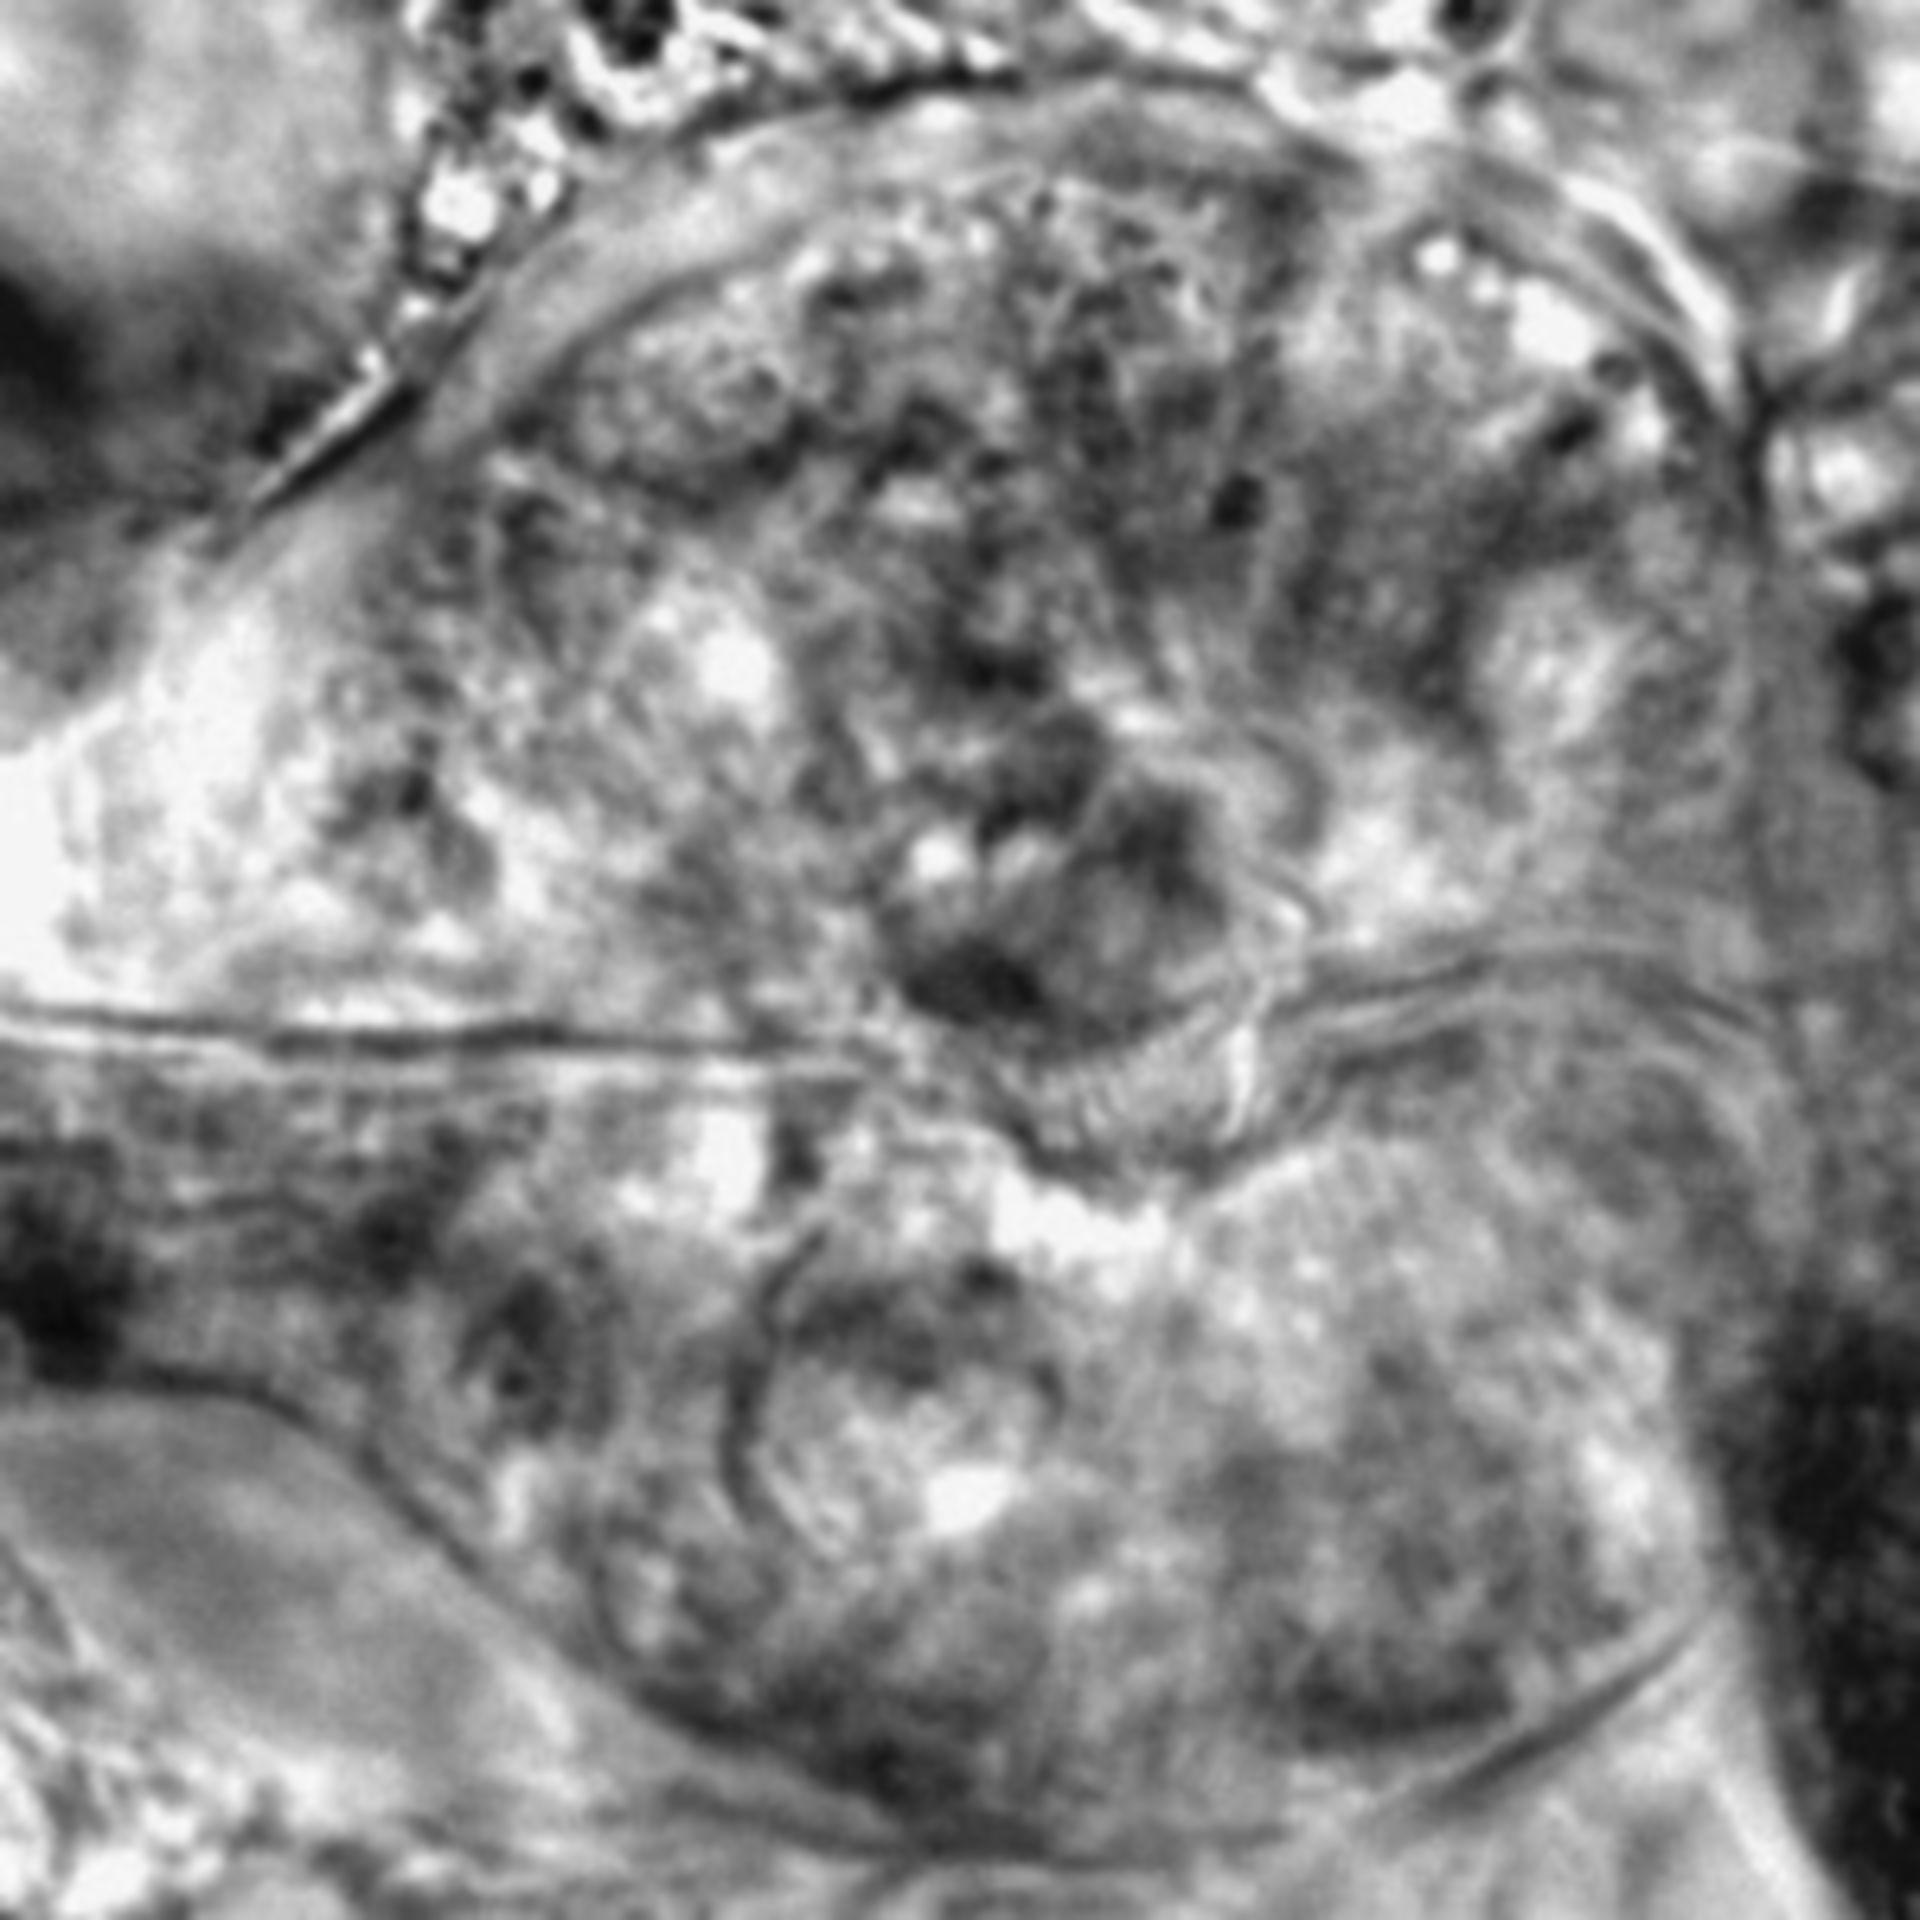 Caenorhabditis elegans - CIL:2600